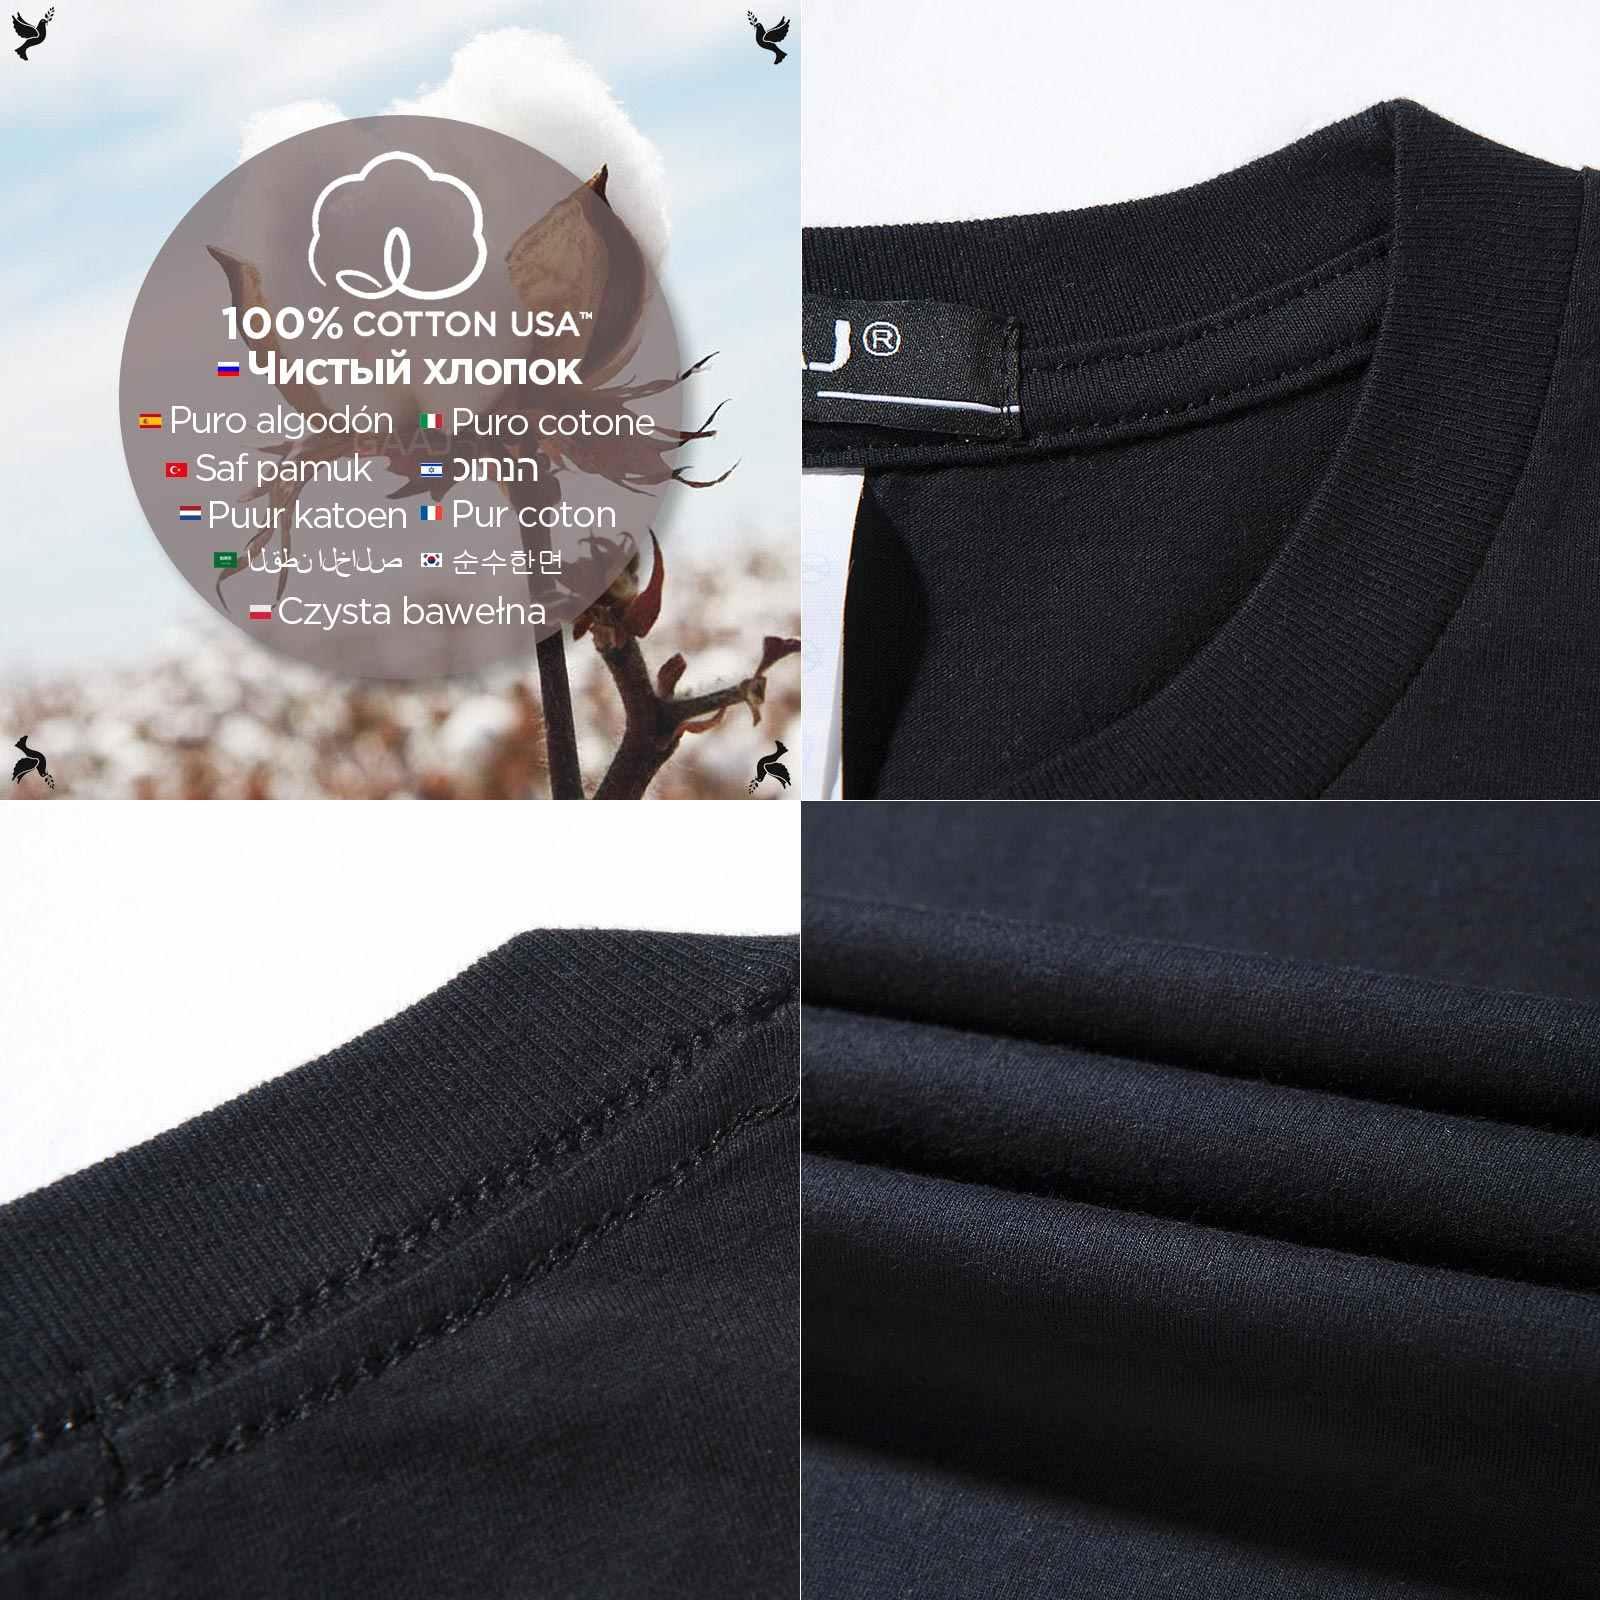 TShirt Mannen 100 Katoen USA XS 3XL Heren T-shirt Hip Hop T-shirt Voor Mode Zomer Streetwear Tee Shirt Top kleding 2019 Big Size